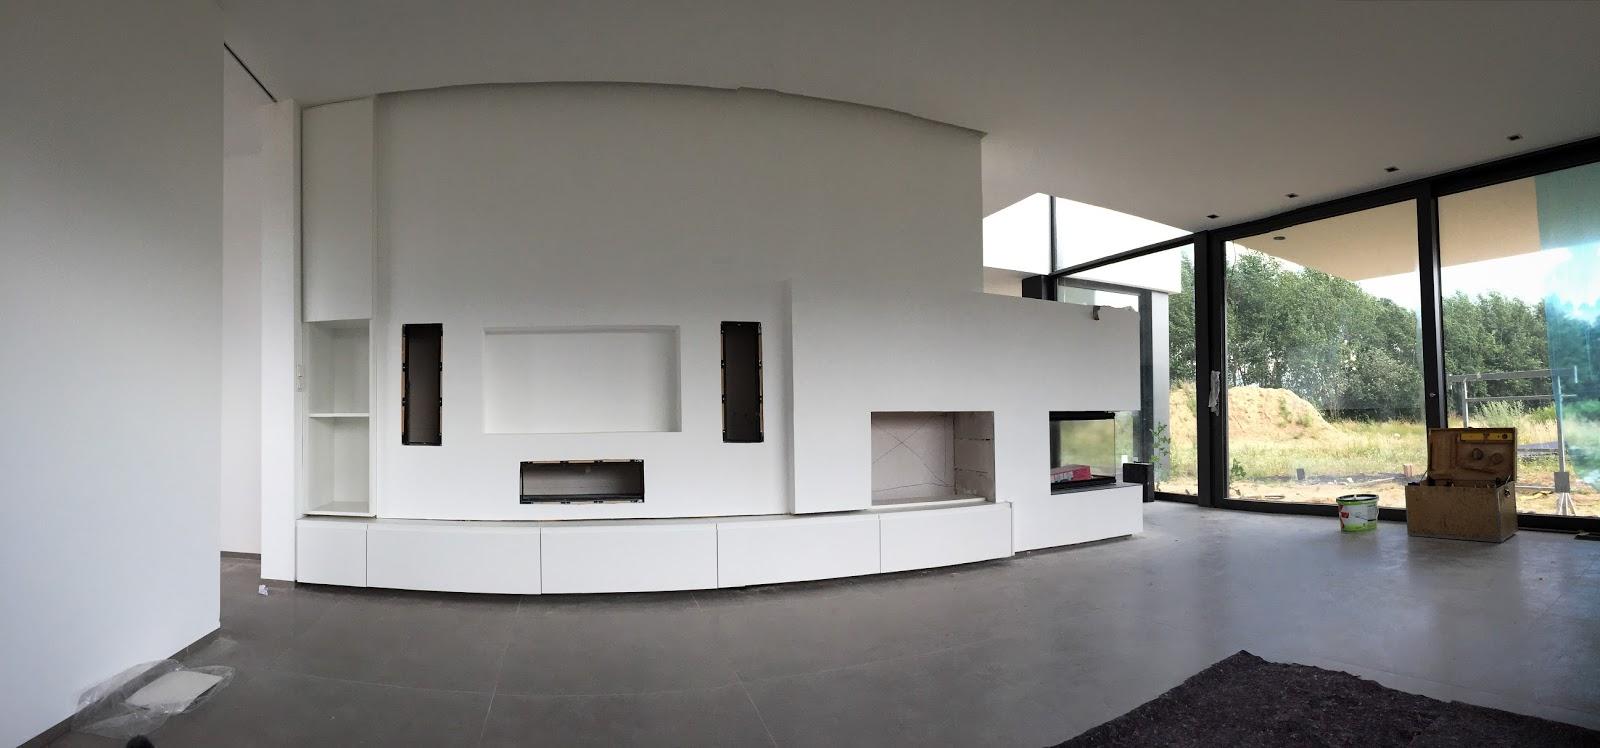 Glasmosaik Fliesen Braunbeigegste Wc  Haus Design Ideen